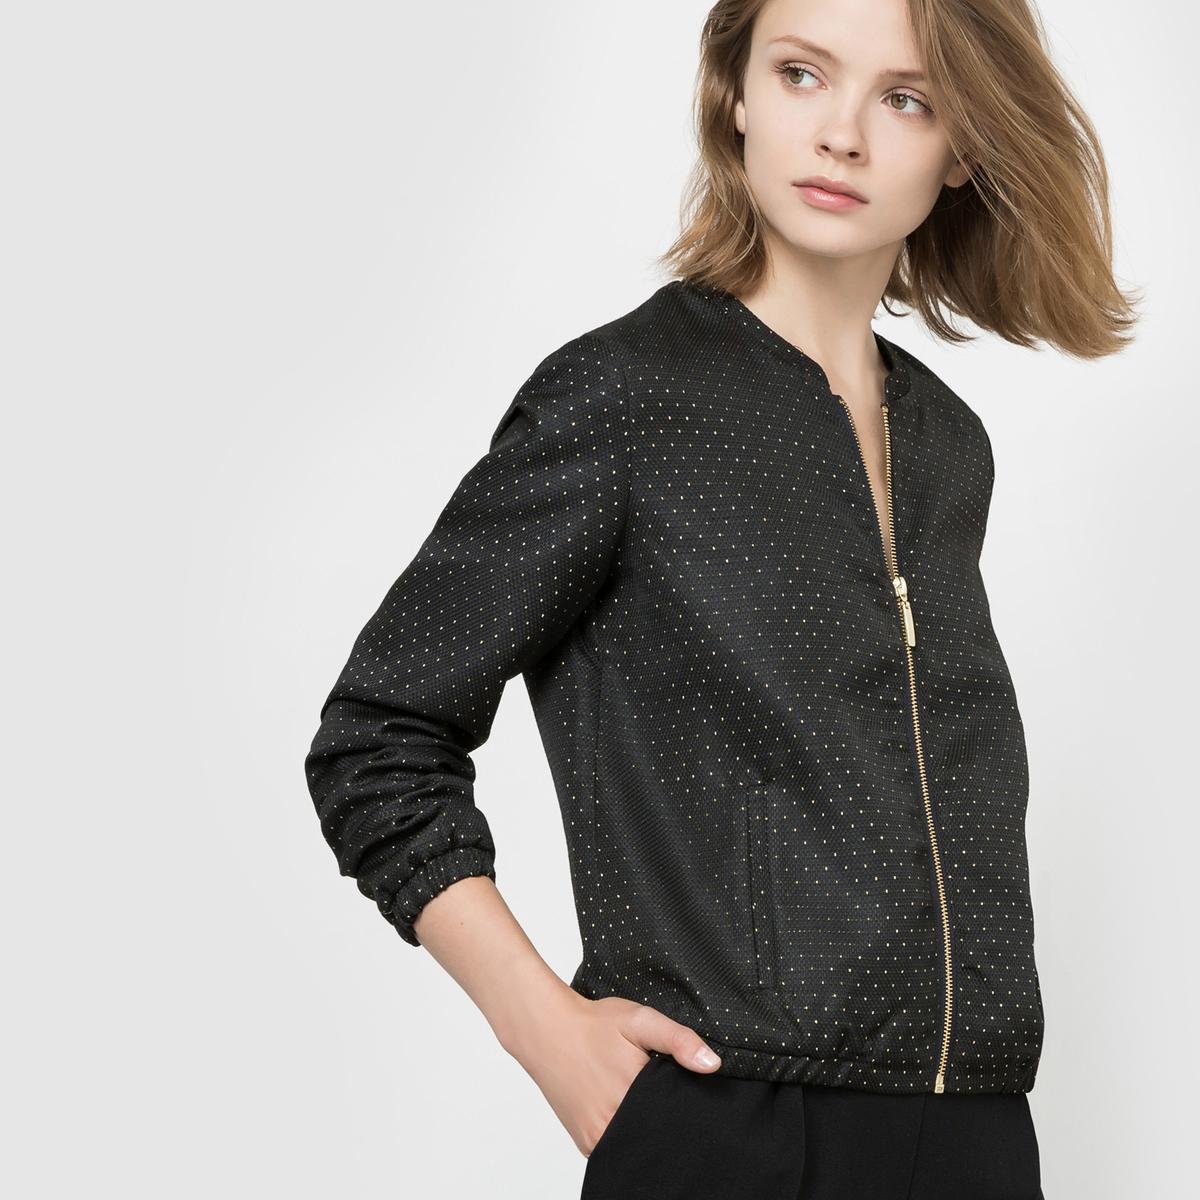 Куртка-бомбер с рисунком в микрогорошекСтеганная куртка-бомбер из трикотажа пике с рисунком в микрогорошек. Длинные рукава. Низ и манжеты эластичные. Застежка на молнию. 2 прорезных кармана спереди. На подкладке. Состав и описаниеМатериал : Трикотаж пике 97% полиэстера, 3% волокон с металлическим блеском - Подкладка 100% полиэстерДлина : 55 смМарка : R EditionУходМашинная стирка при 30 °C   Стирать с вещами схожих цветов Не гладитьМашинная сушка запрещена<br><br>Цвет: черный/ золотистый<br>Размер: 46 (FR) - 52 (RUS)